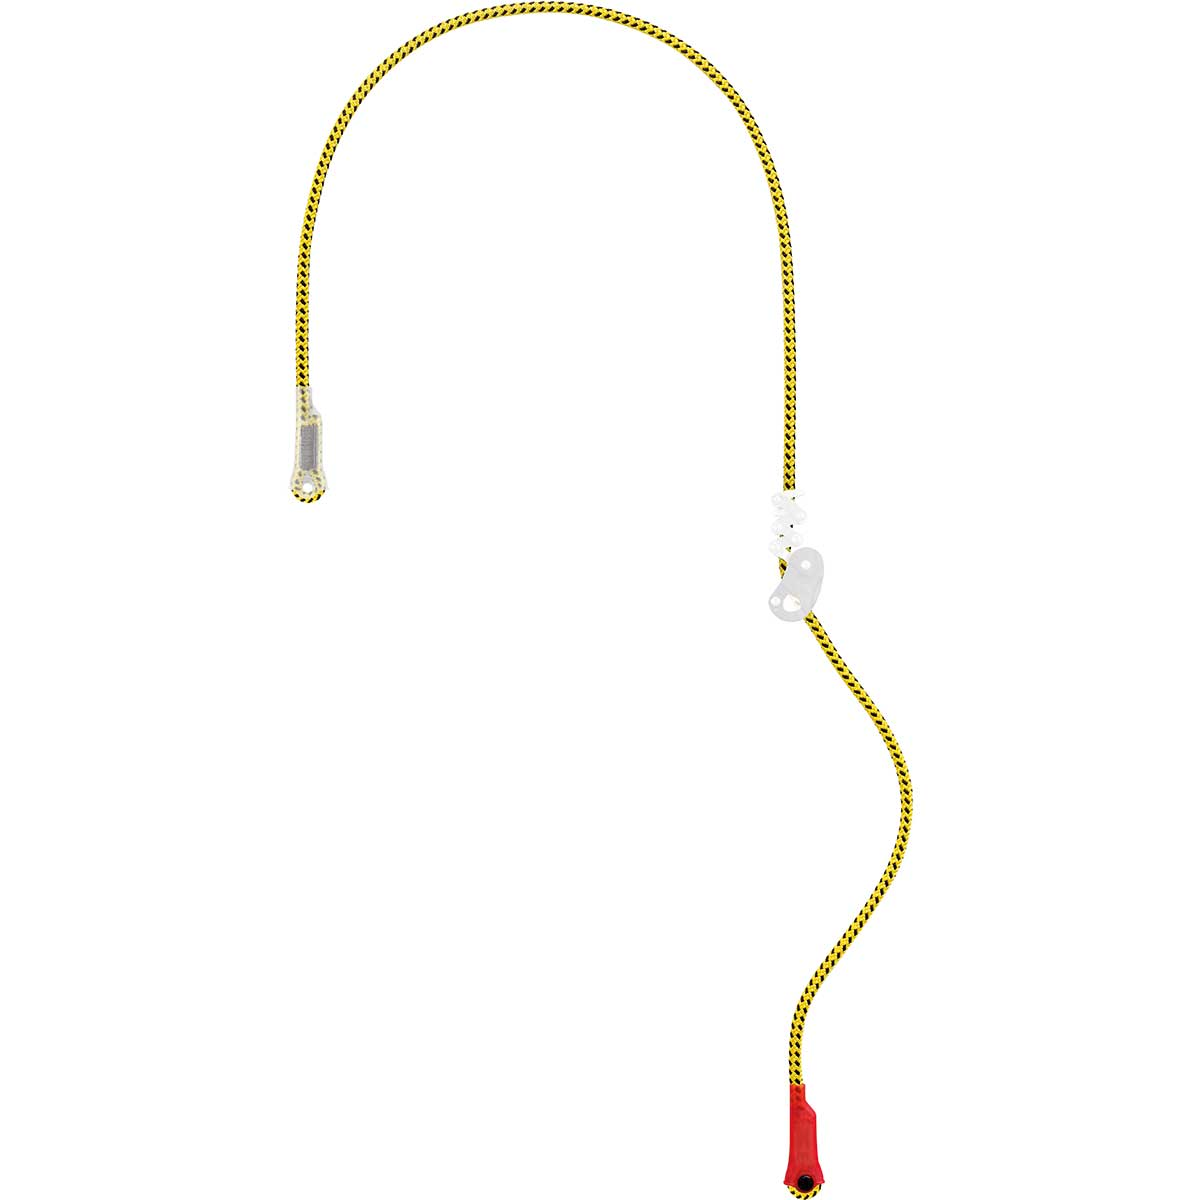 画像1: PETZL  ペツル ジヨン 交換用ロープ (1)